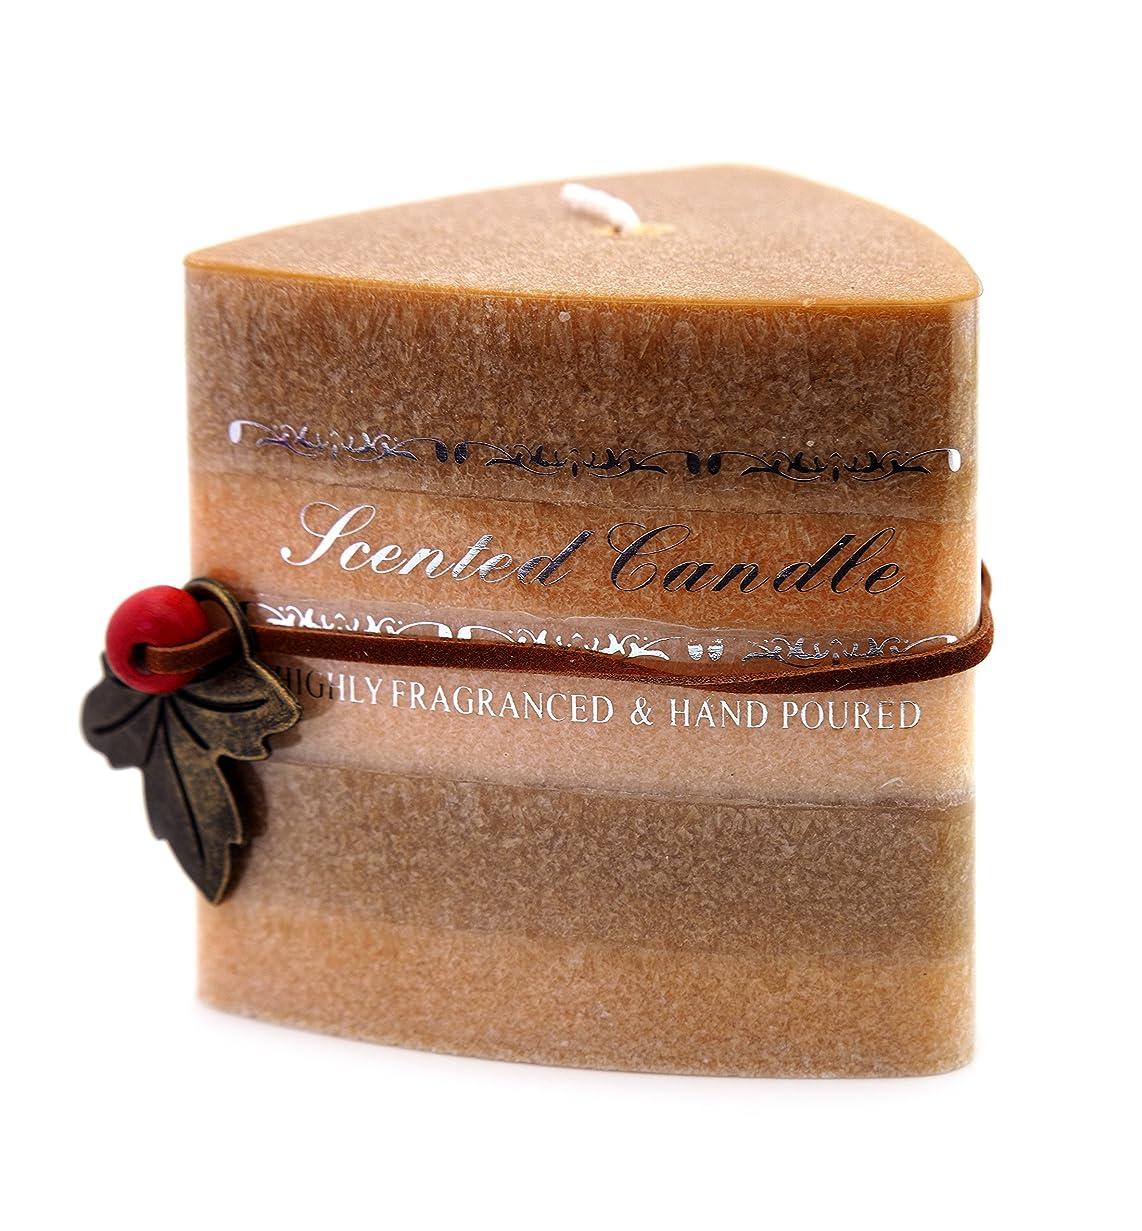 収まる虫バルセロナcreationtop手作り香りのキャンドルホームインテリアアロマキャンドル